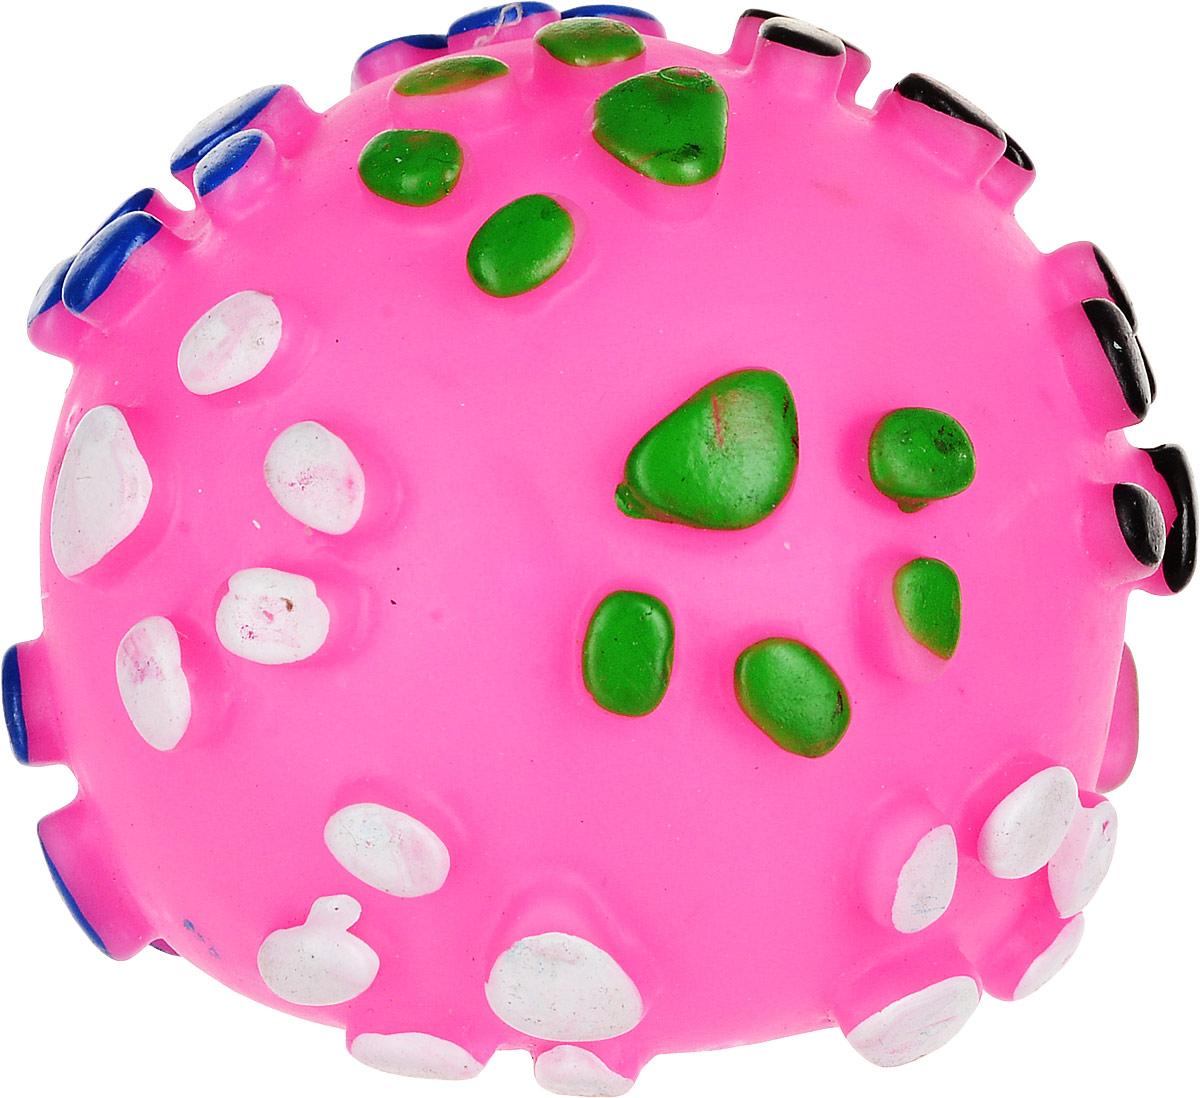 Игрушка для собак Уют Мяч лапки, цвет: розовый, 8,5 см товары для дома